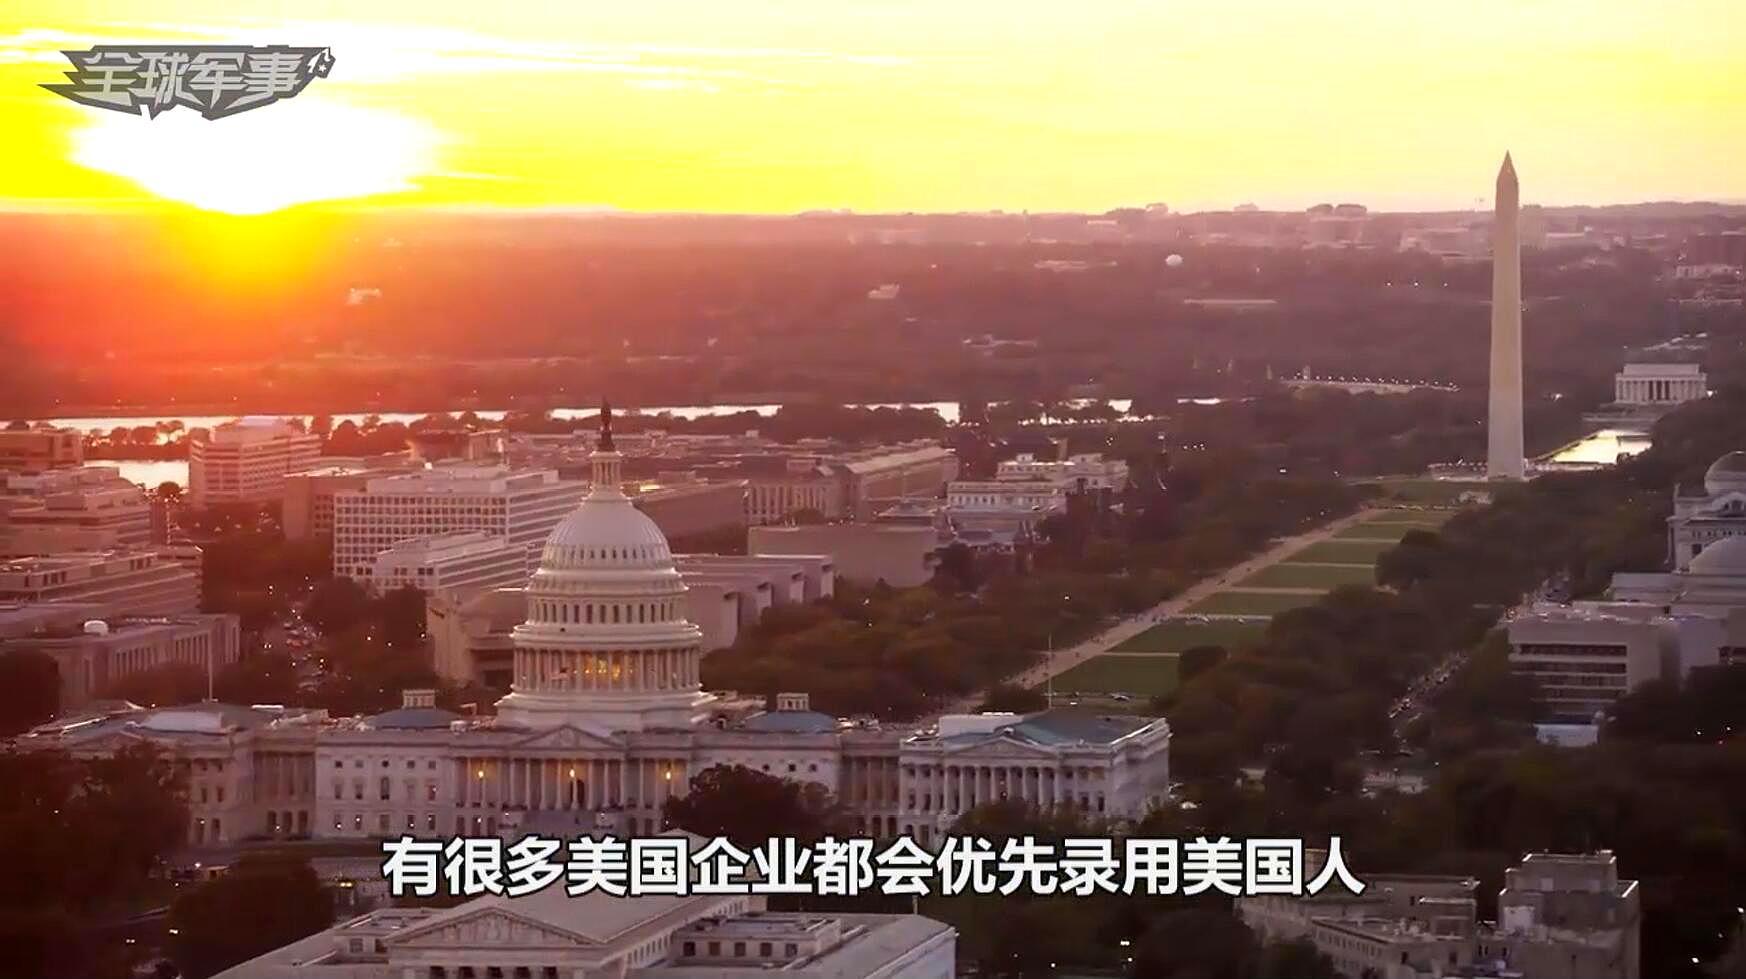 大量外国人来华发展,其中包括大量美籍华人,引国人愤愤不平